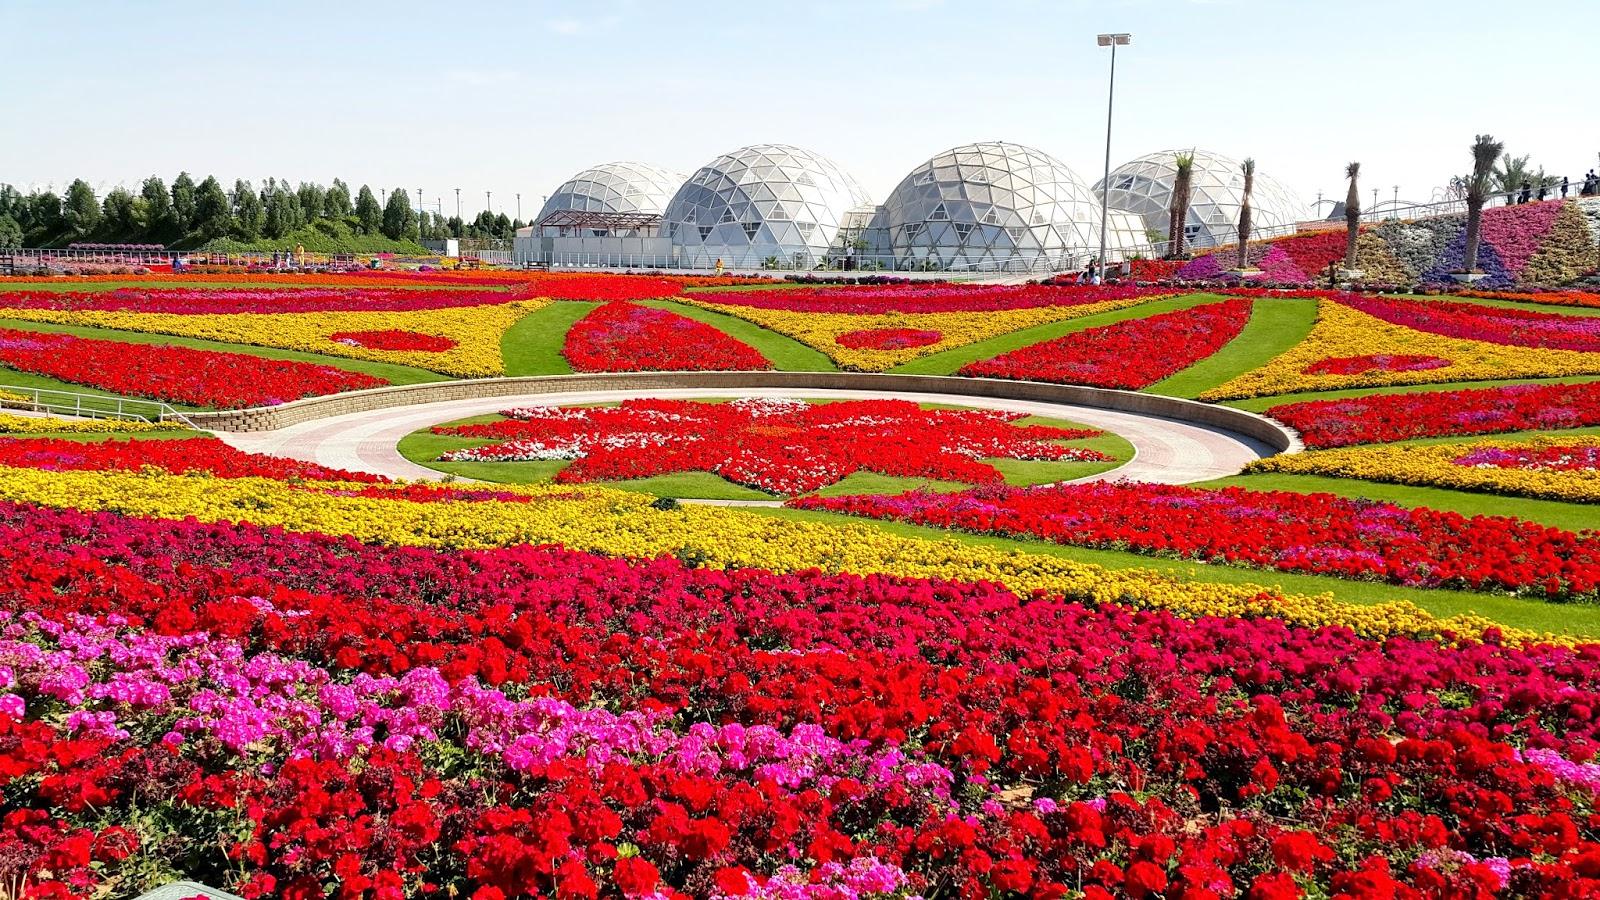 skypark holidays-United Arab Emirates